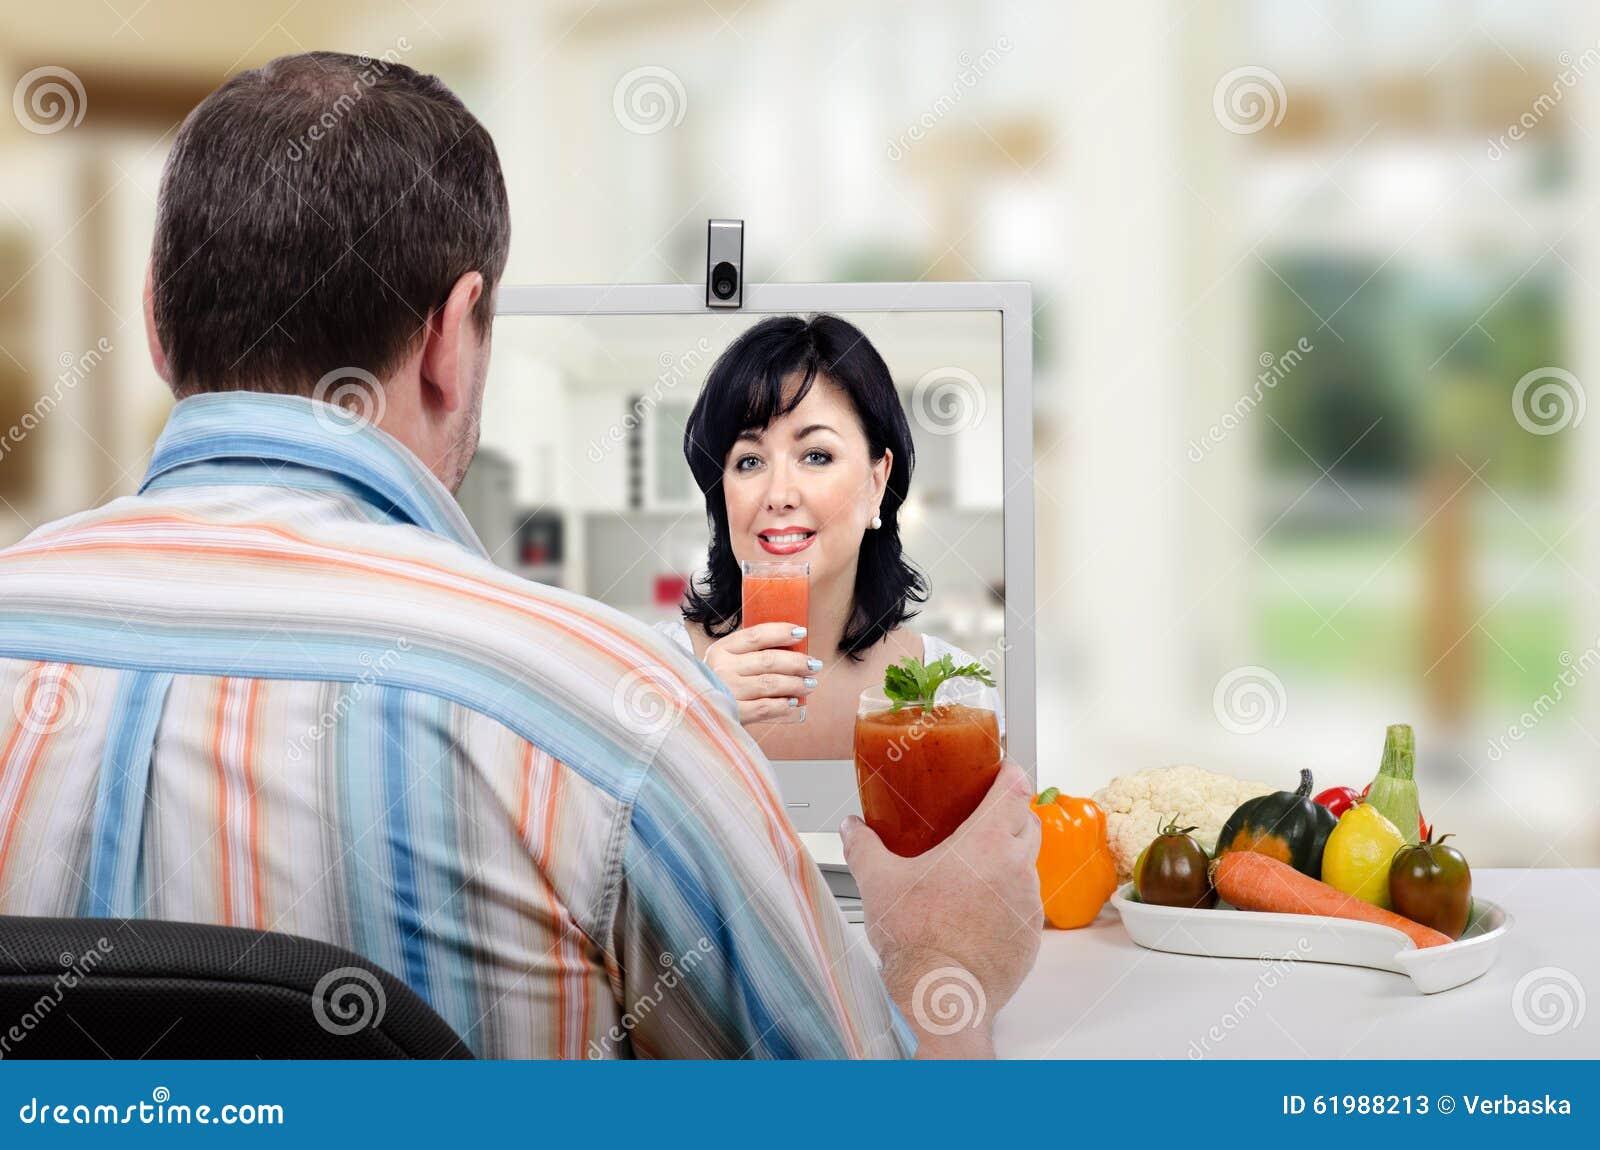 Apprenant comment faire un smoothie de vegan photo stock image 61988213 - Comment faire des smoothies ...